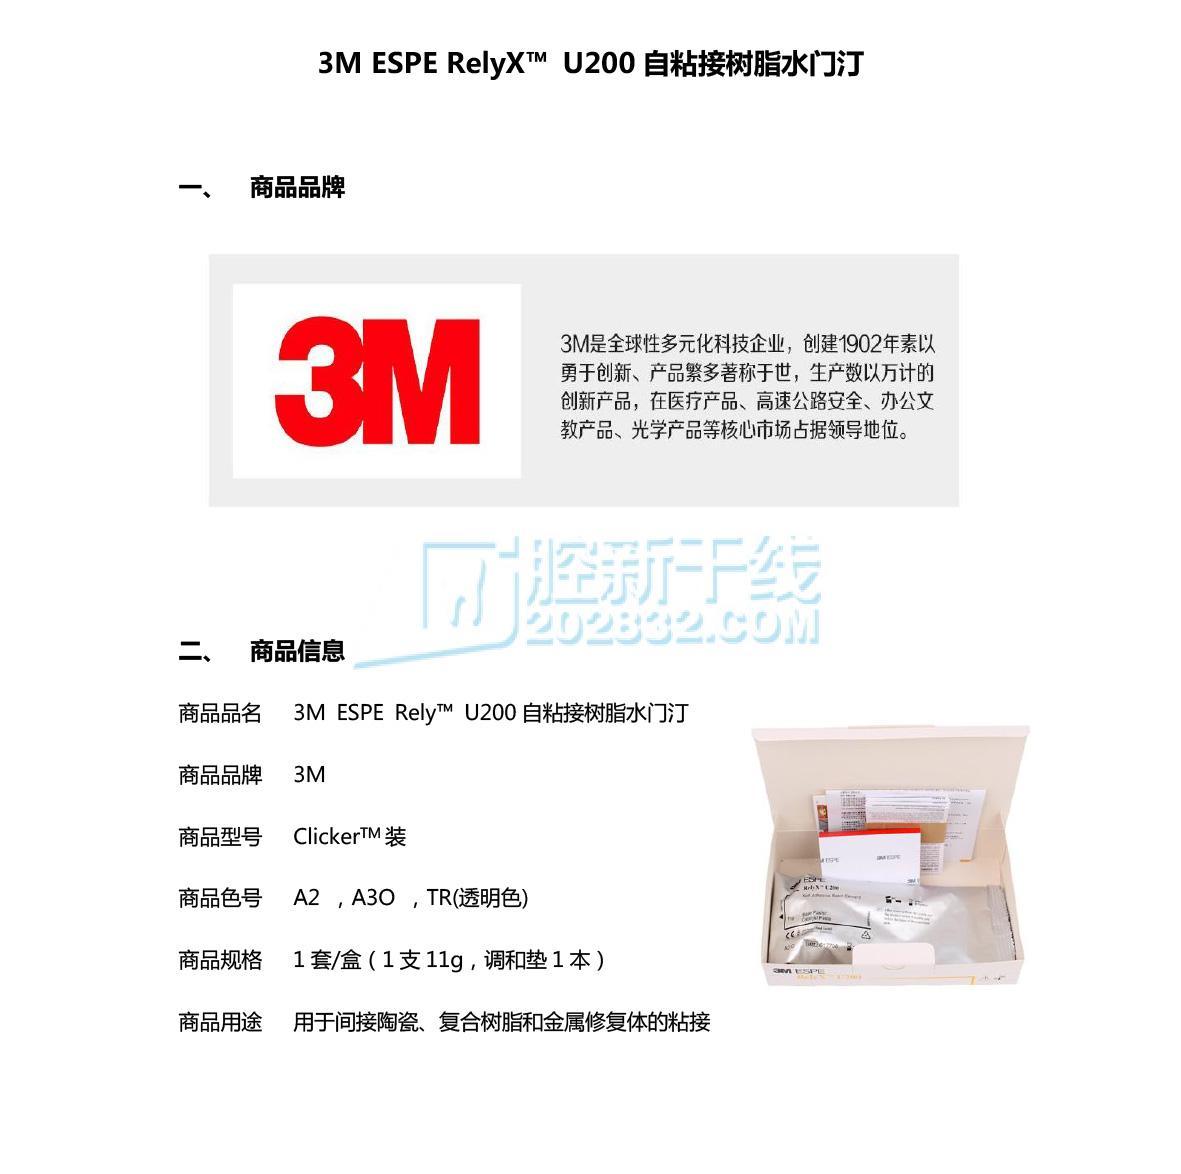 3M U200 Clicker  包装-1.jpg